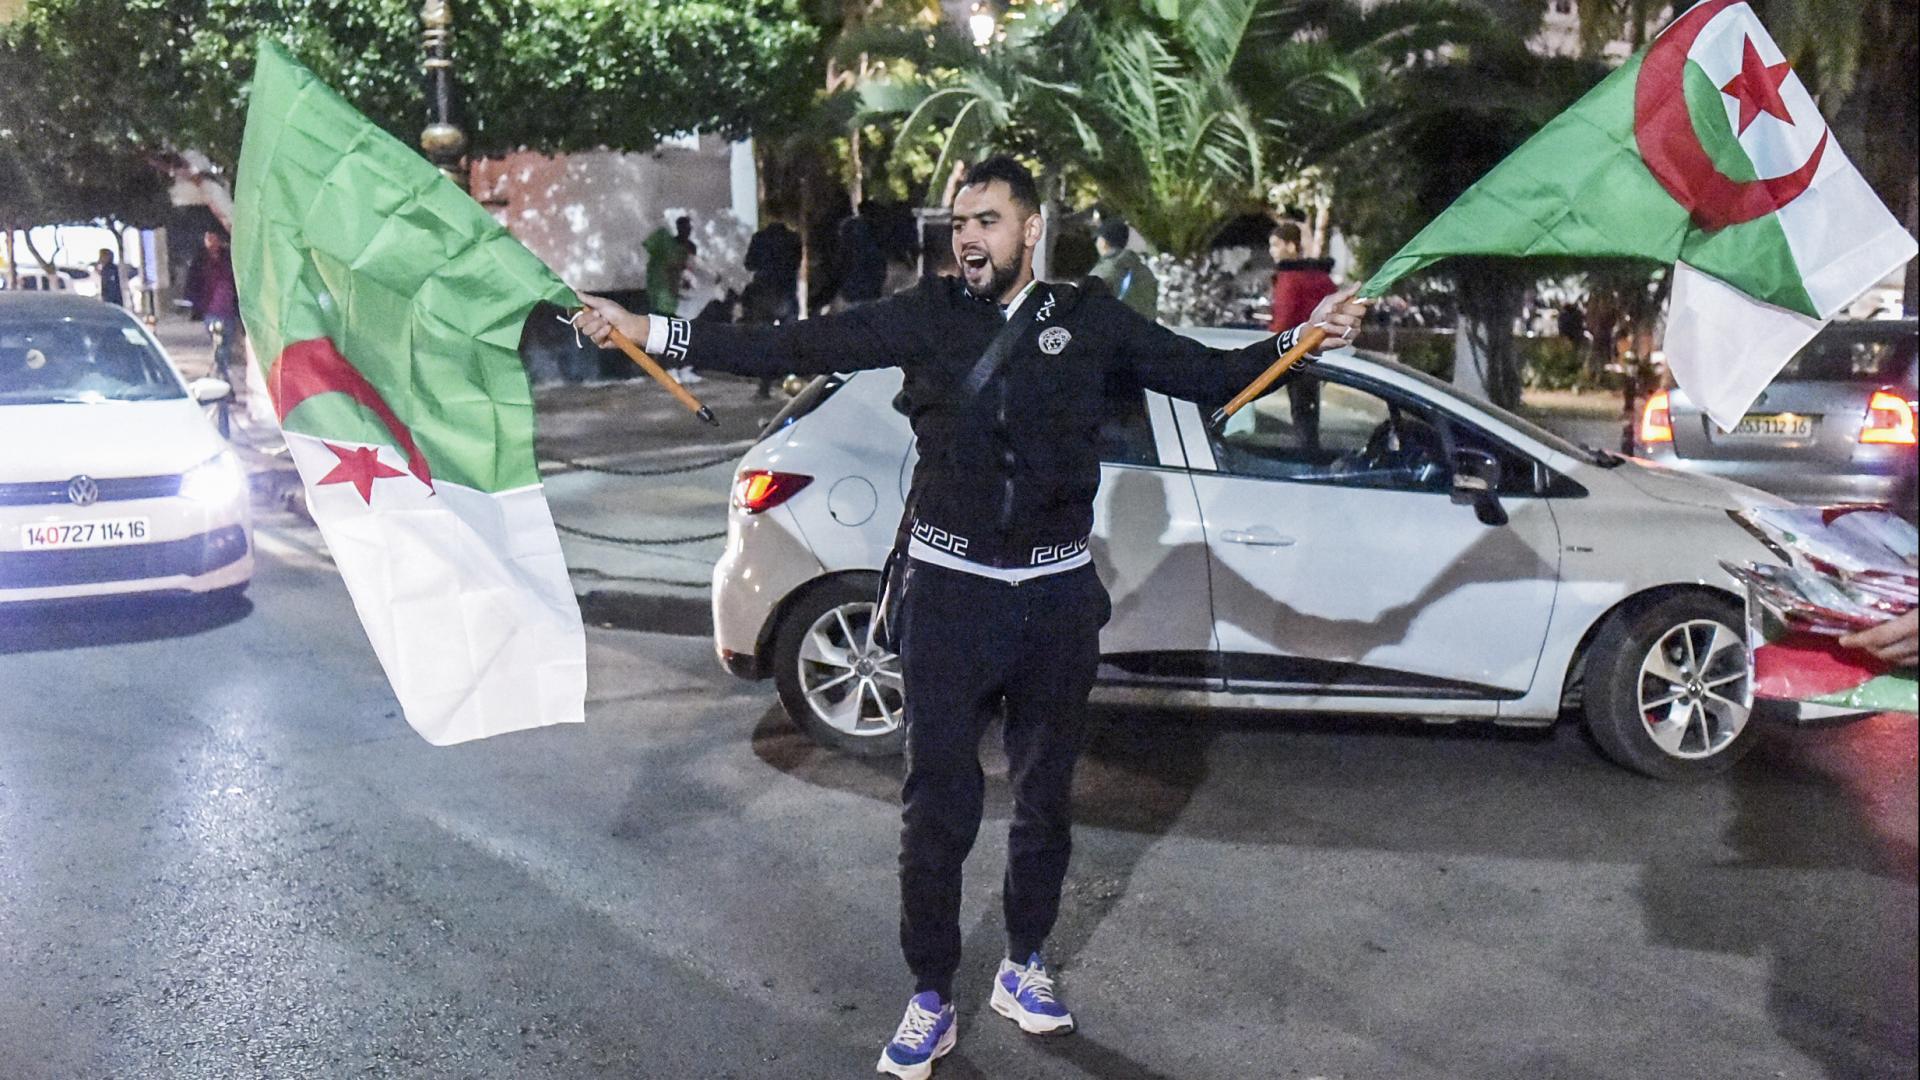 رأي.. جون دفتريوس يكتب عن الجزائر: تحد سياسي جديد واقتصاد بحاجة لإصلاح